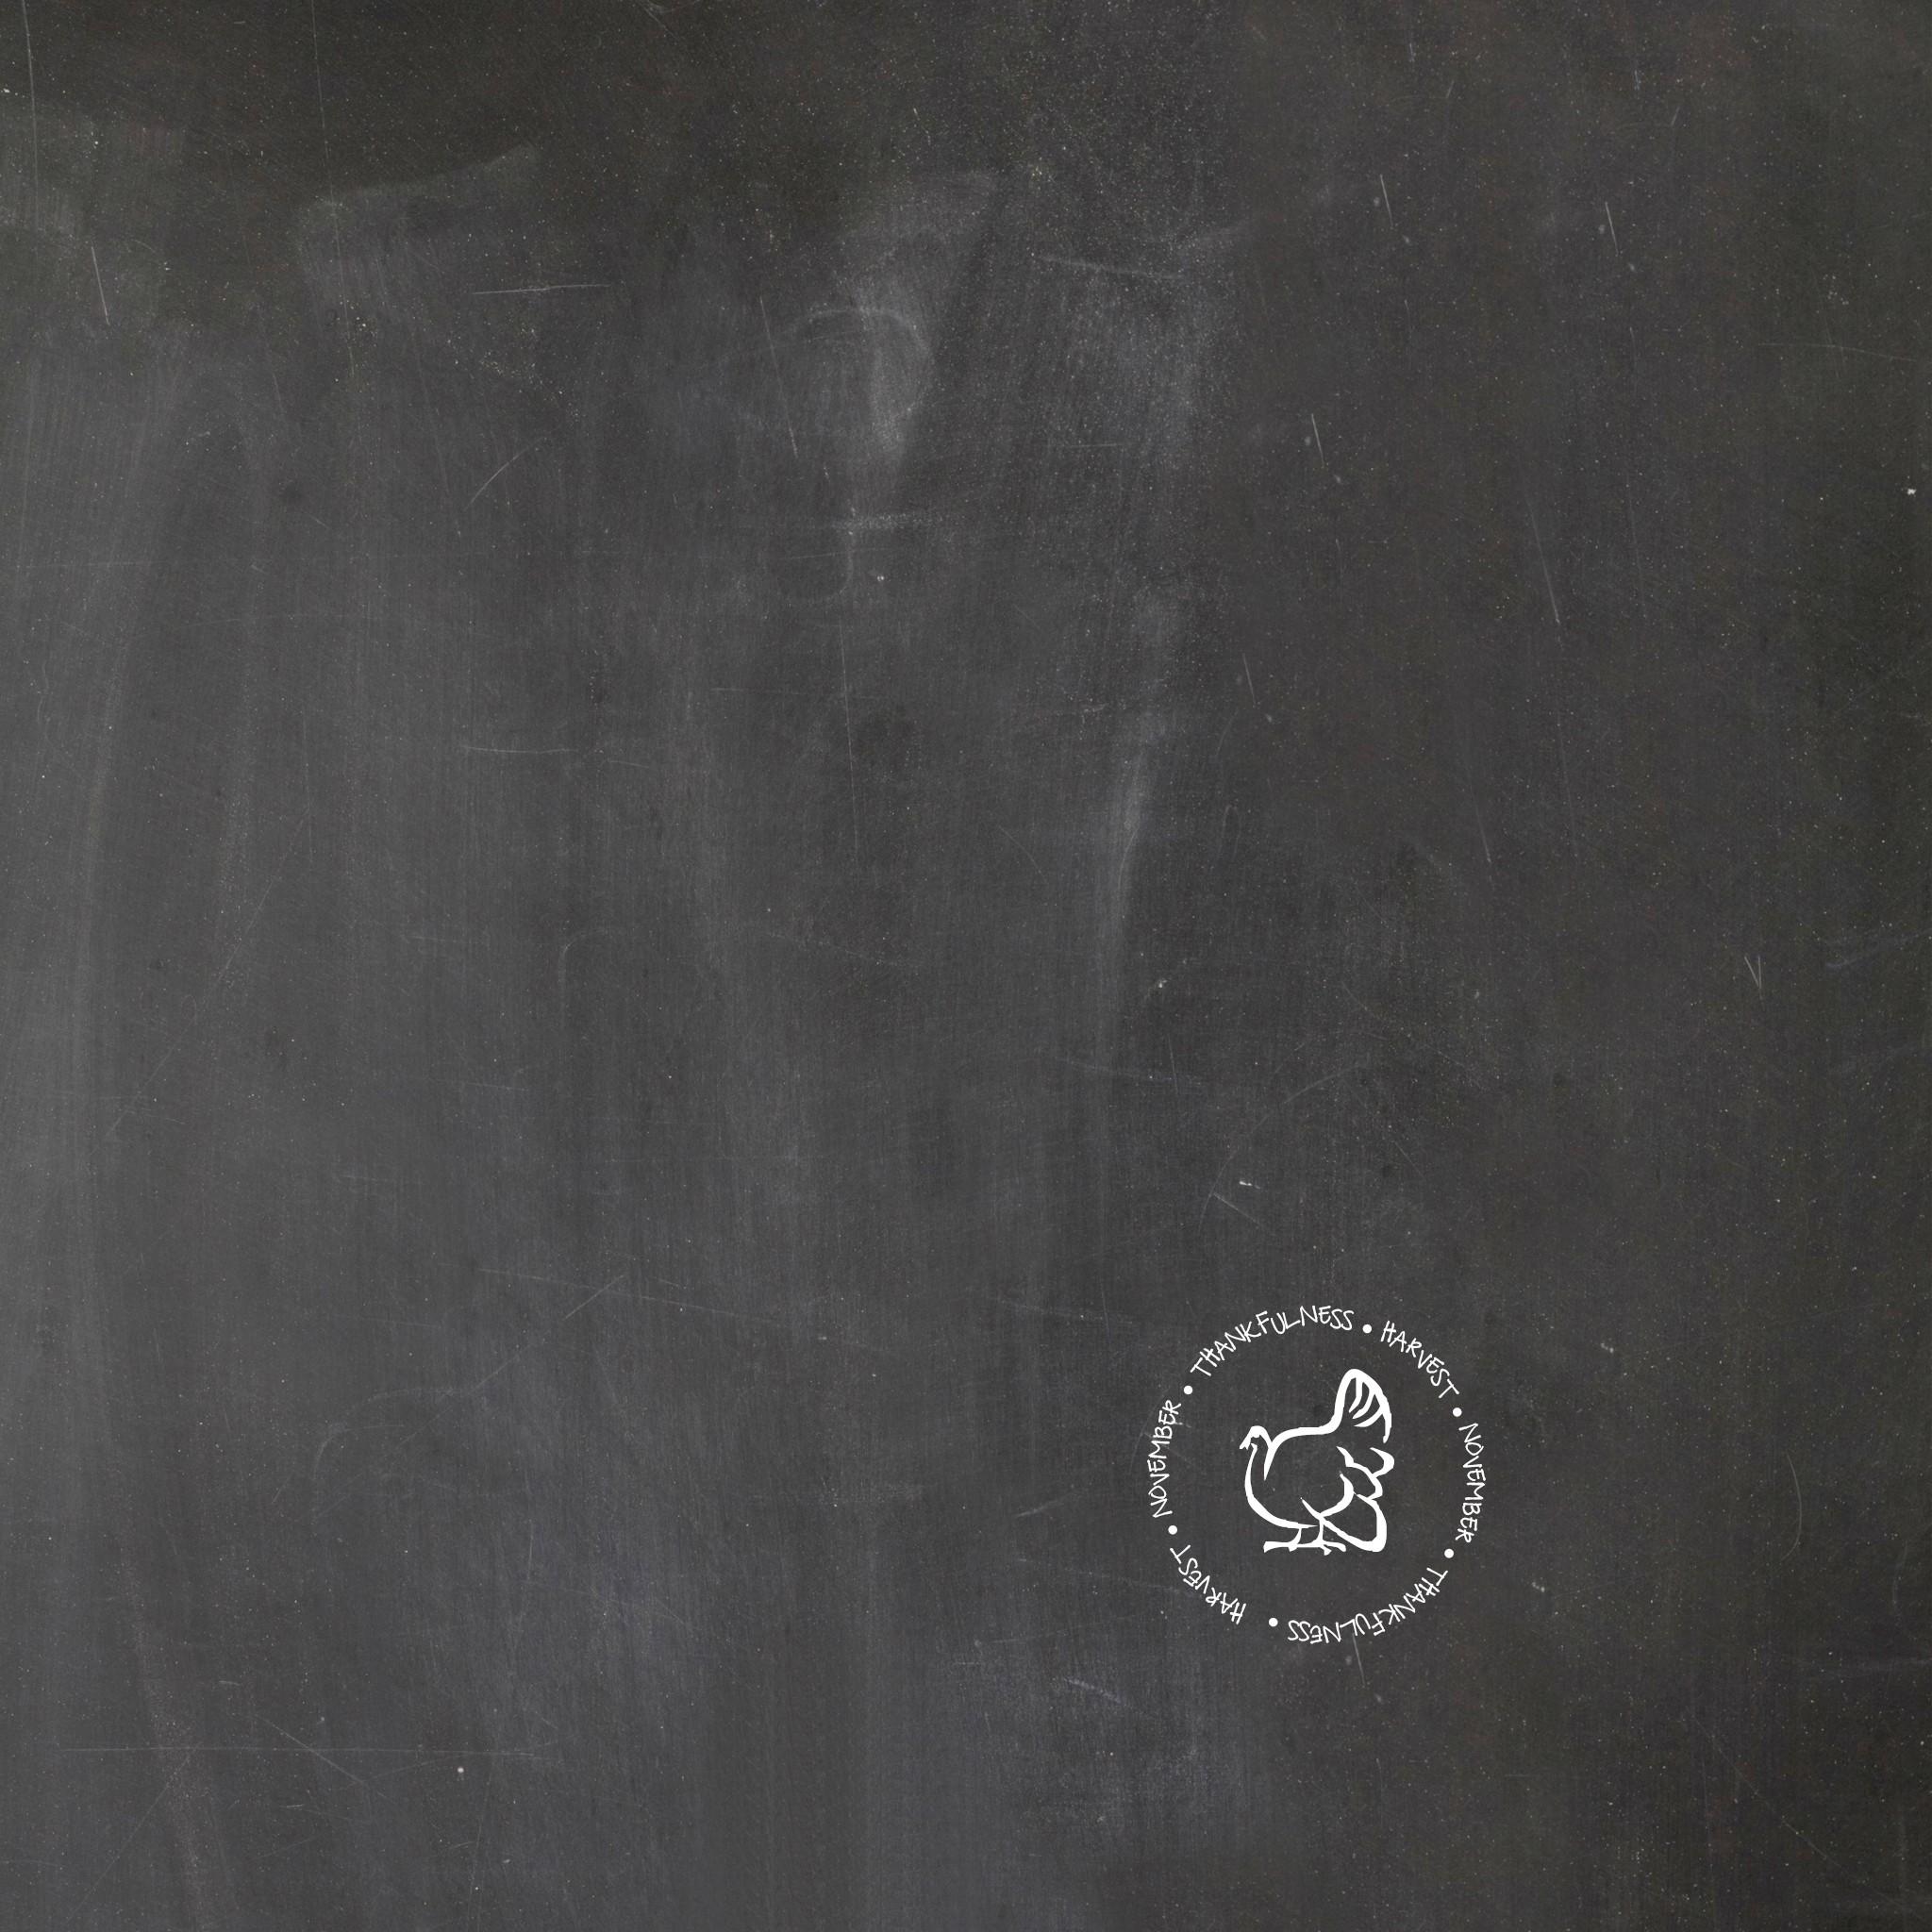 Chalkboard wallpaper ·① Download free stunning full HD